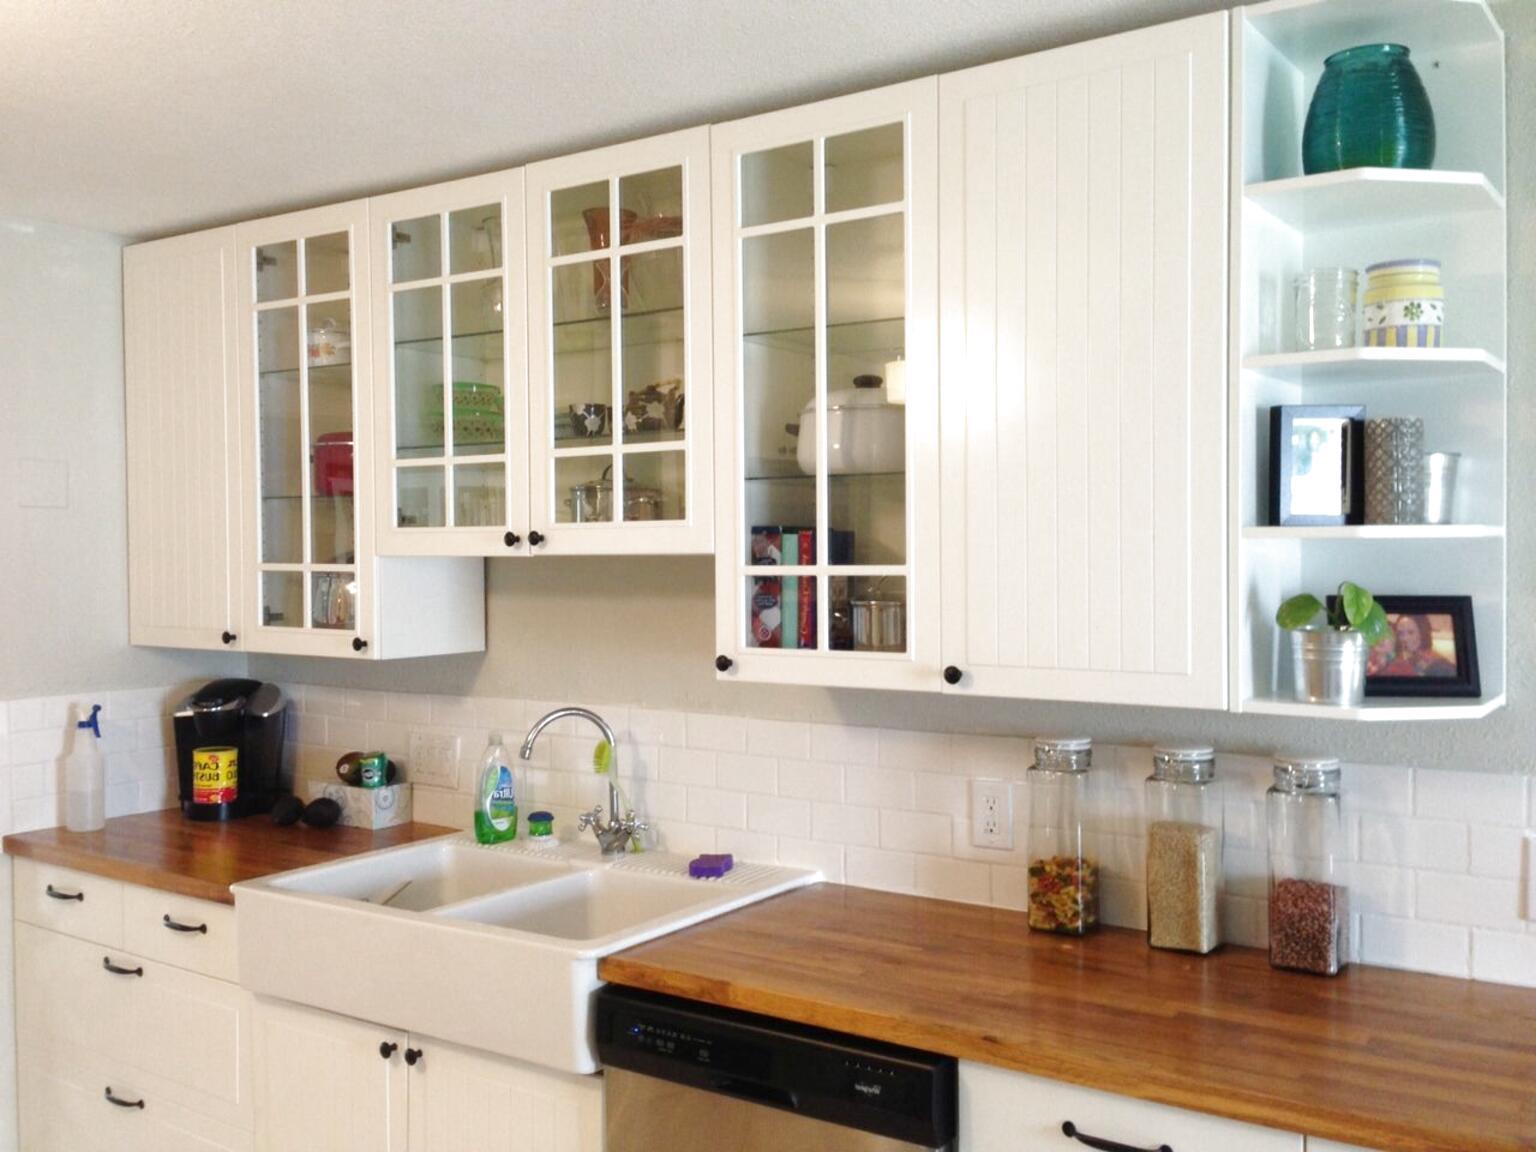 Full Size of Küche Gebraucht Kaufen Gebrauchte Günstig Betten Läufer Schubladeneinsatz Arbeitsplatte Fenster Wandpaneel Glas Einbauküche Ohne Kühlschrank Vorratsdosen Wohnzimmer Küche Gebraucht Kaufen